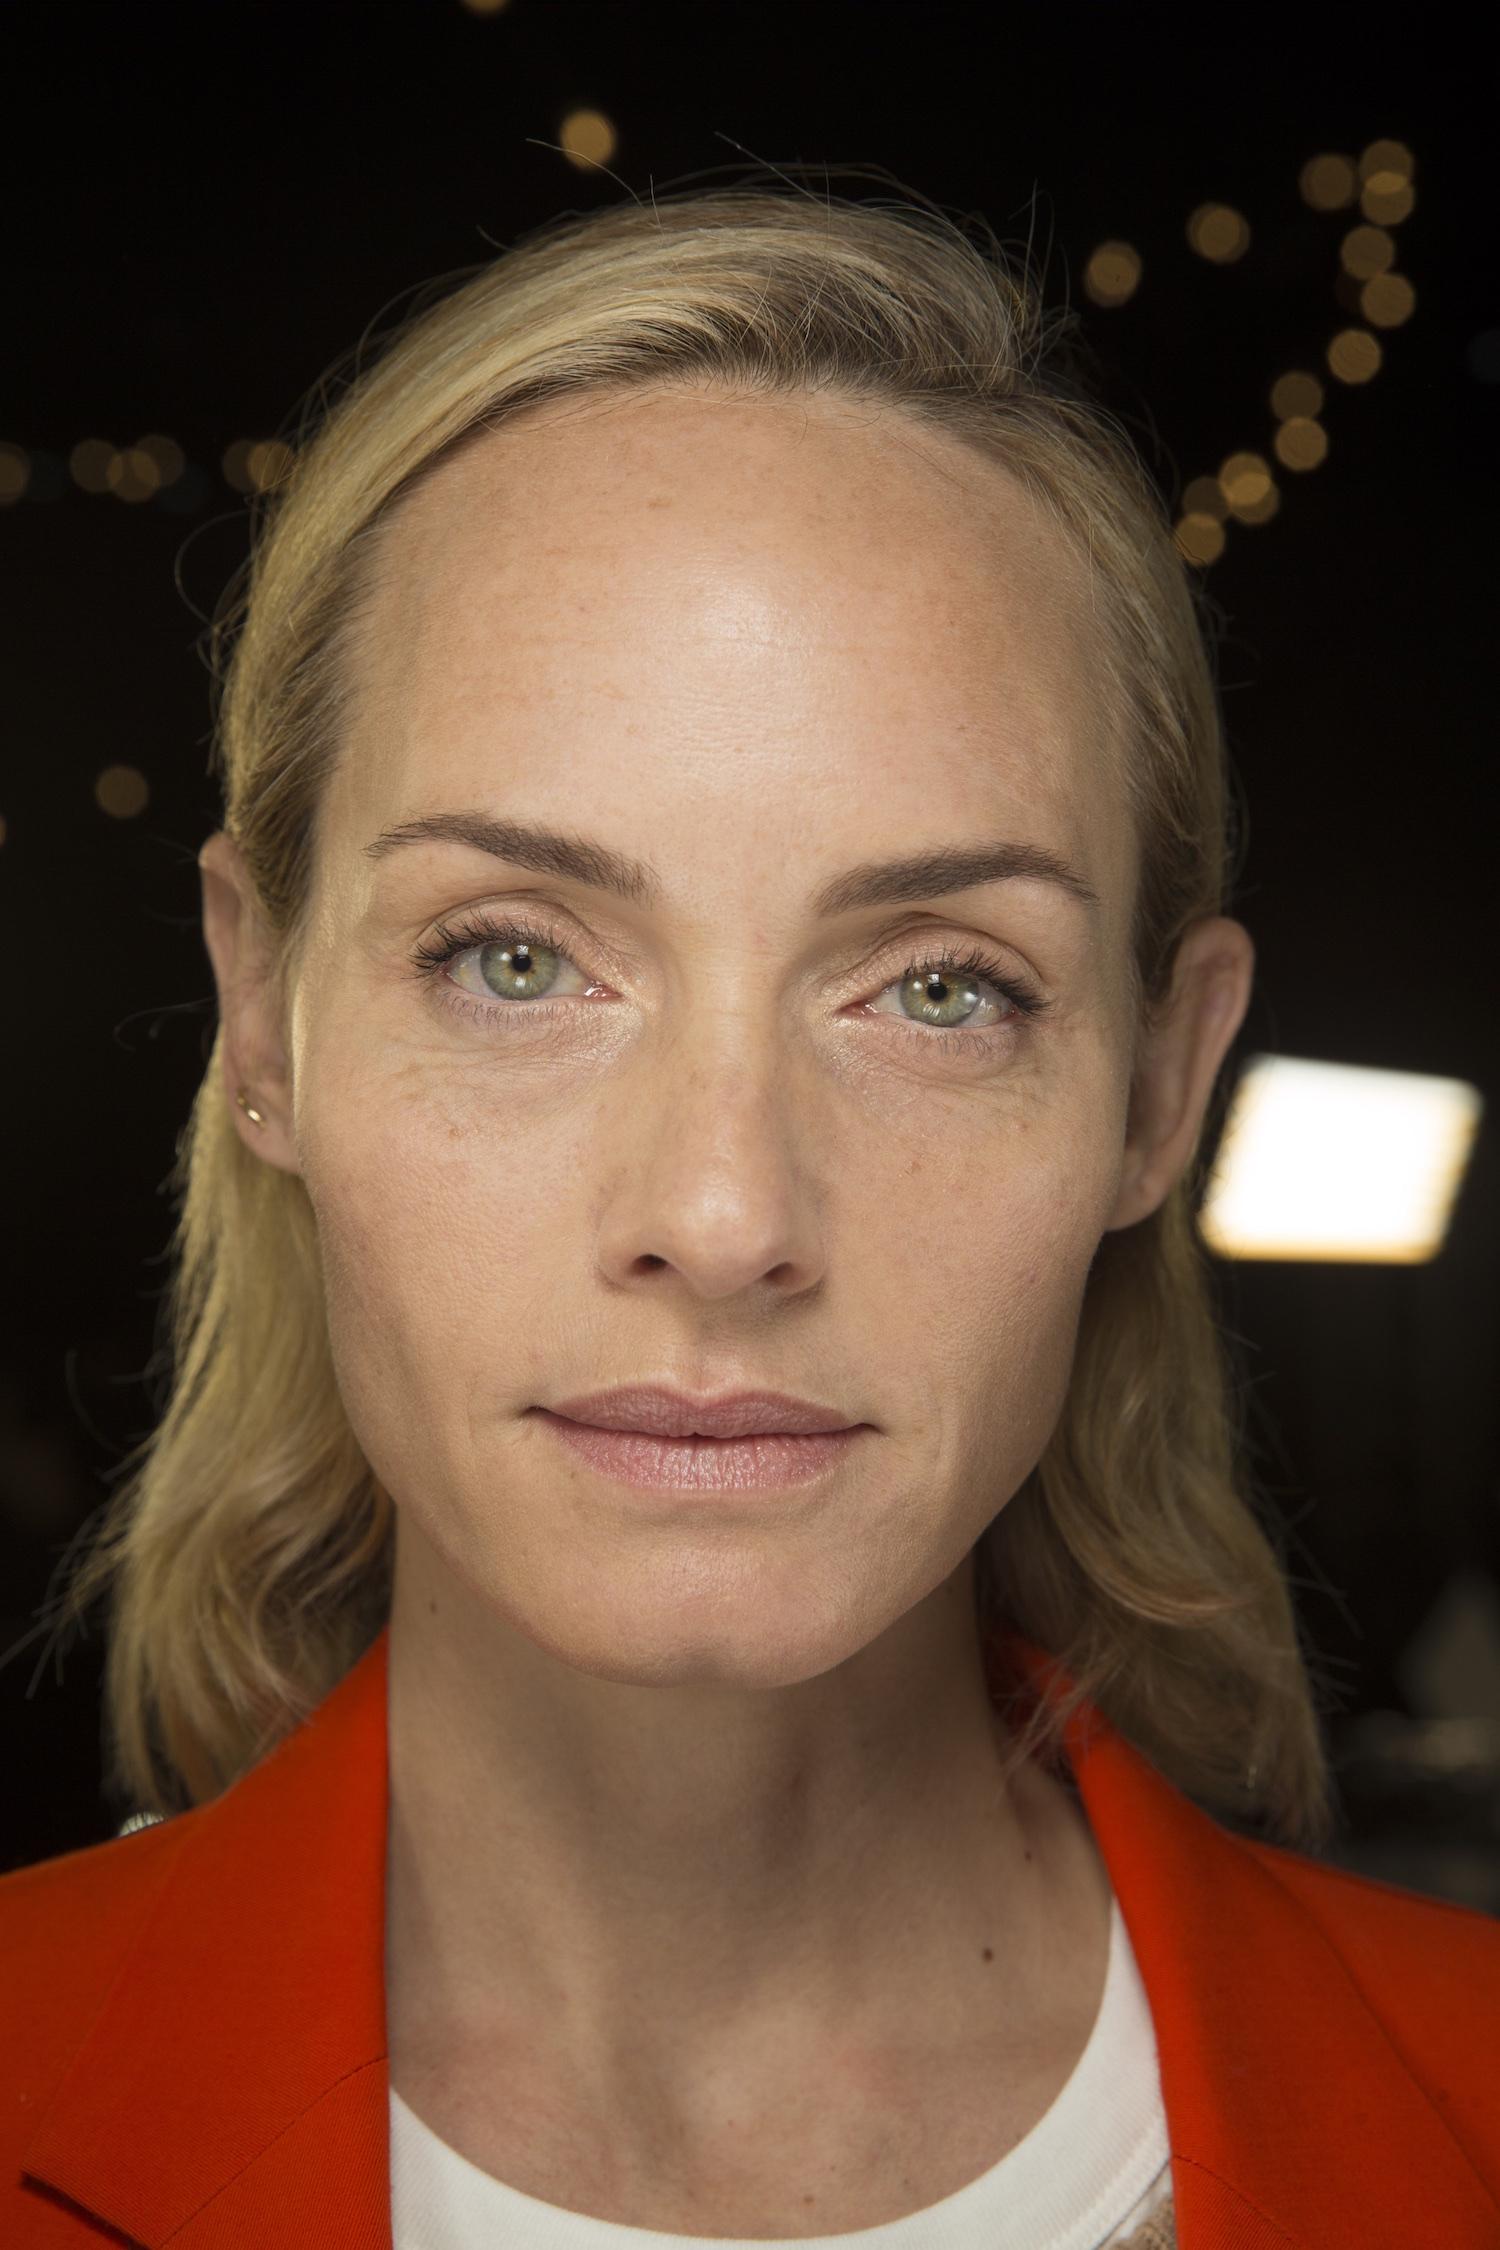 Amber Valetta Modepilot Hautpflege